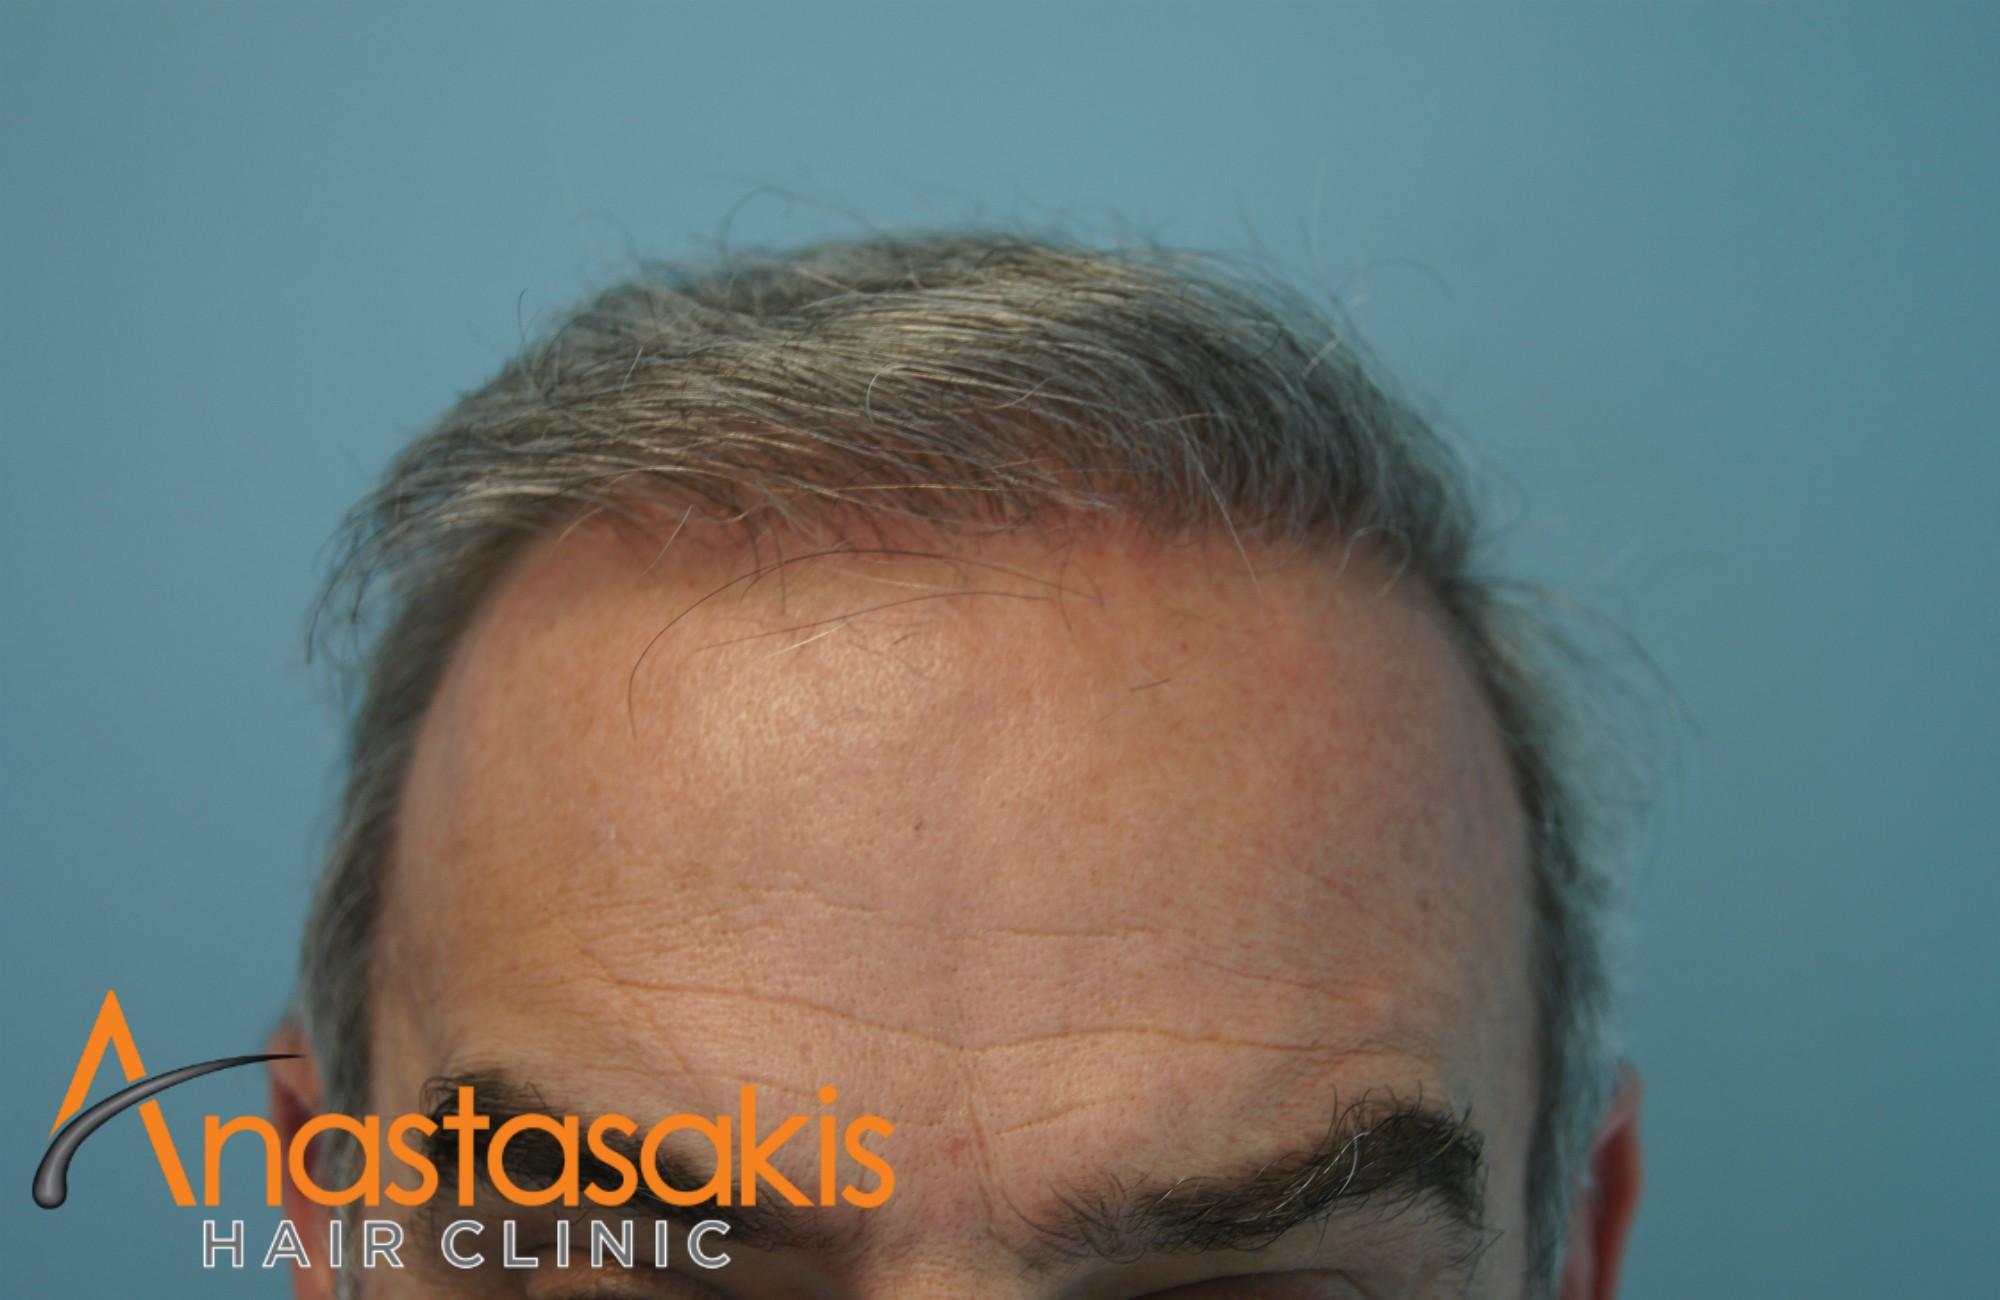 hairline ασθενούς μετά την combo επέμβαση με 5400 fus